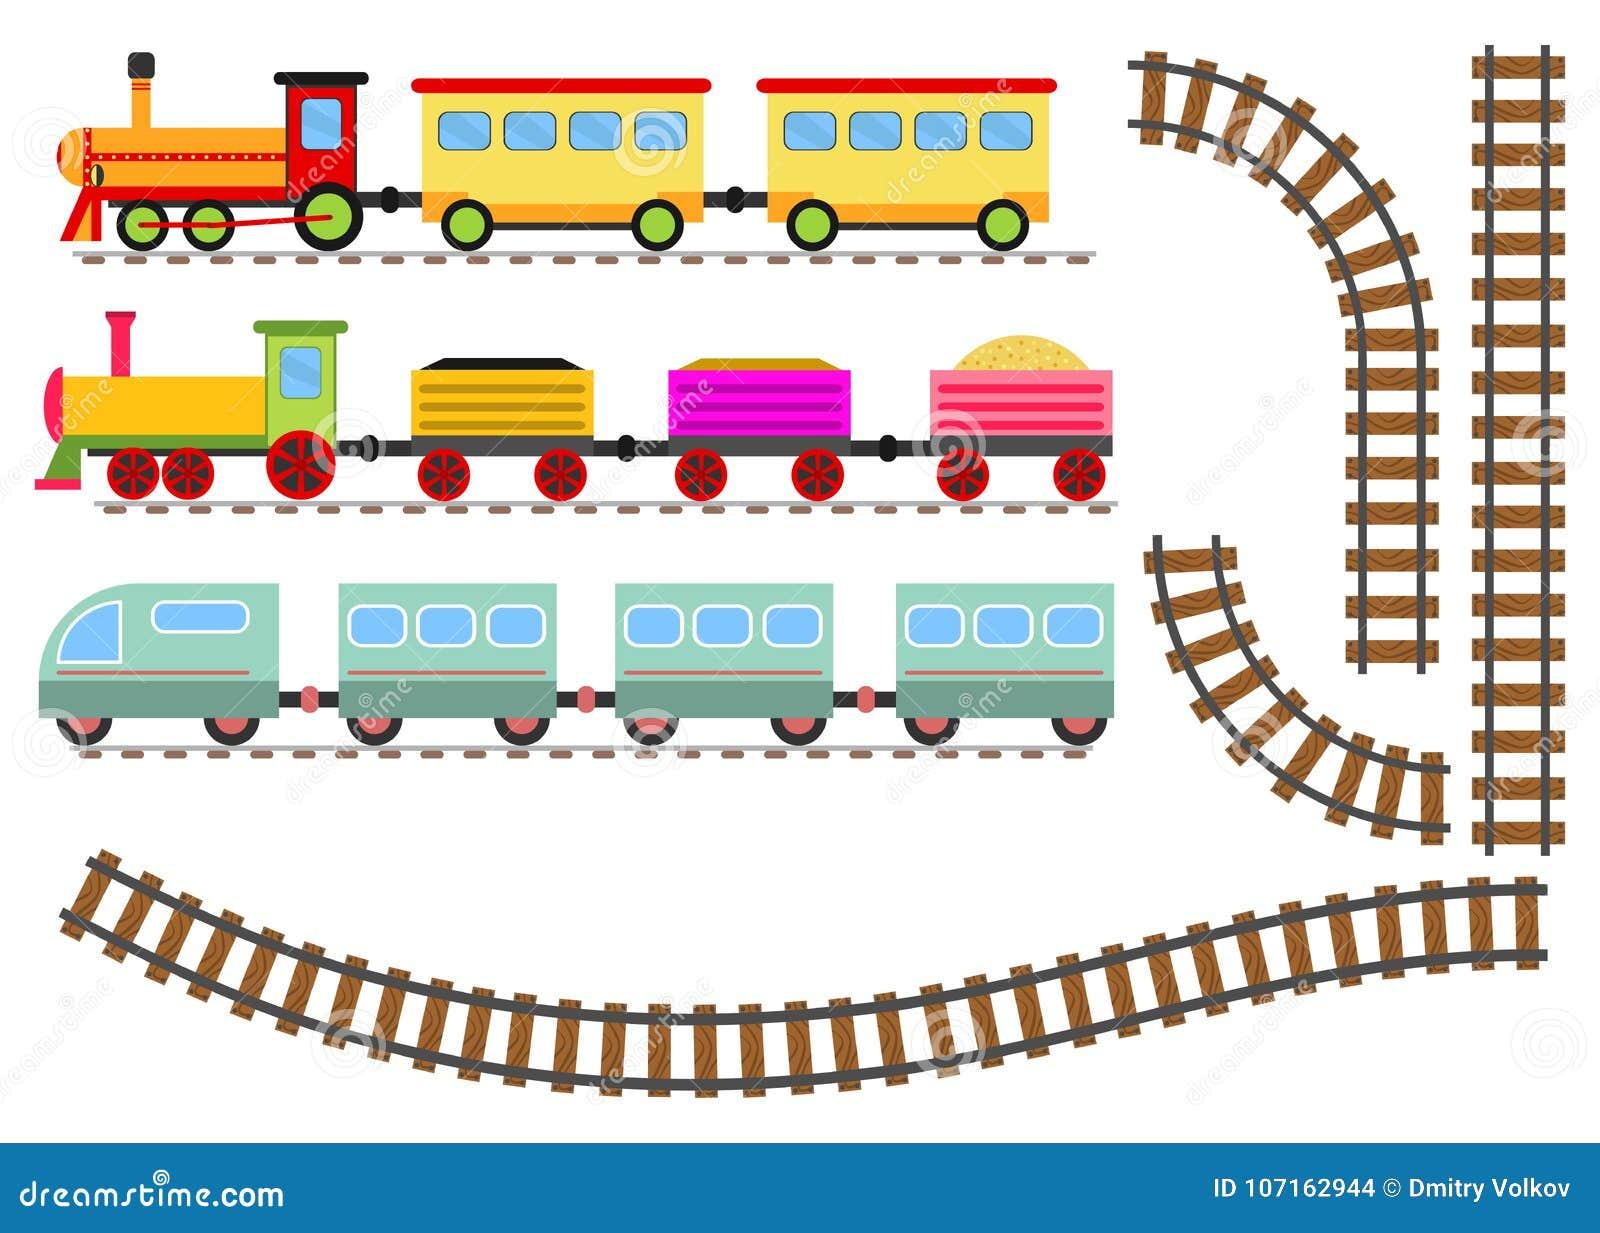 Поезд шаржа с фурами и железной дорогой Поезд игрушки идет рельсом